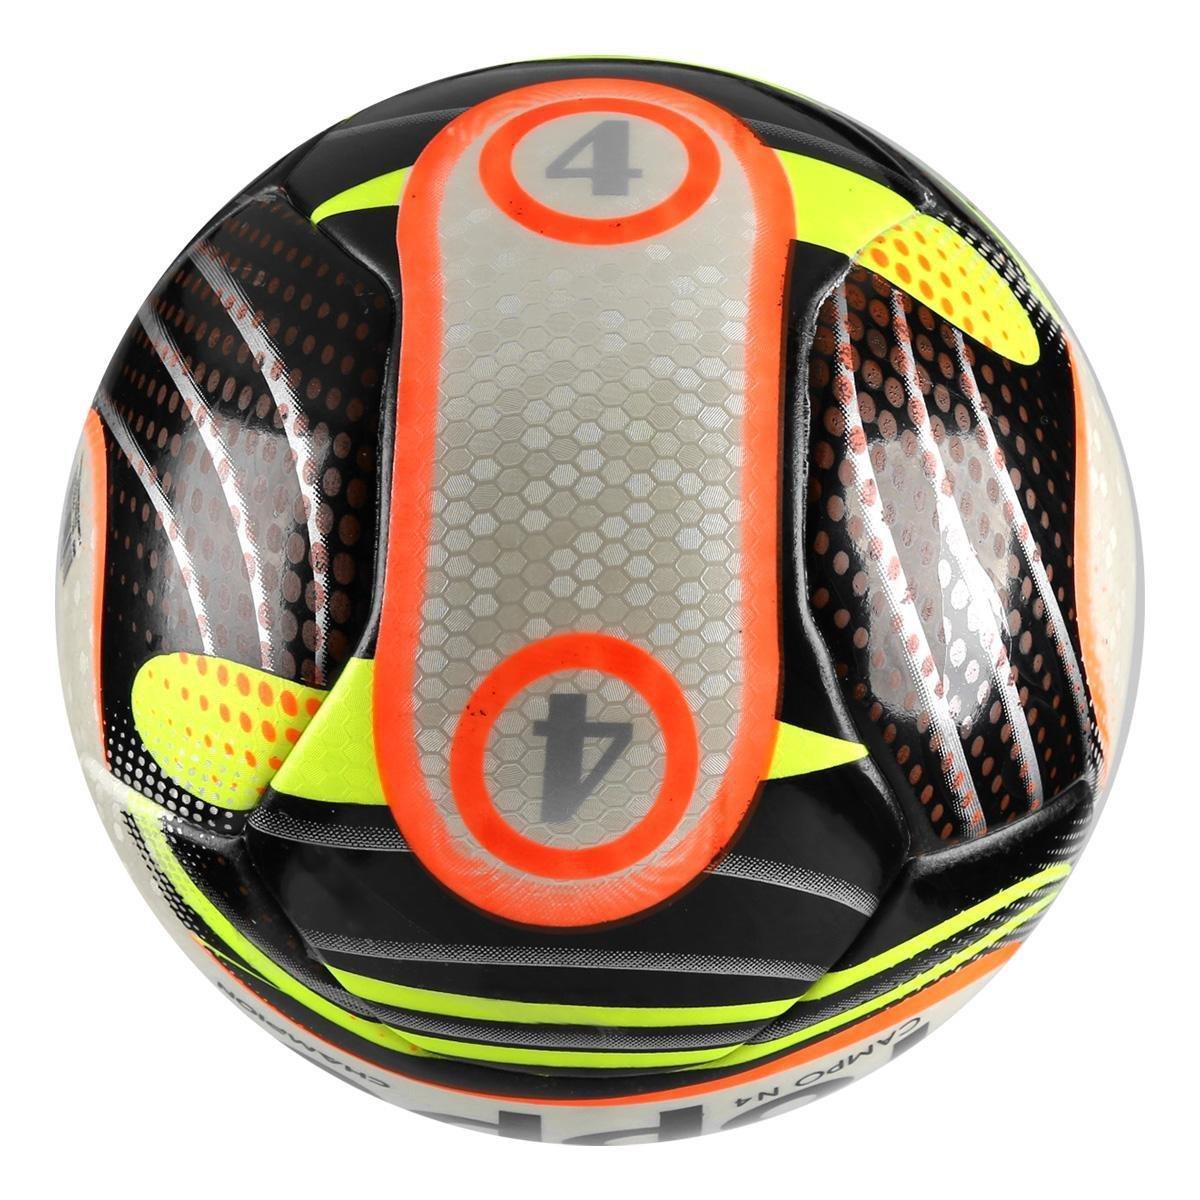 Bola Futebol Campo Topper Champion N4 - Preto e Branco - Compre ... e9e24f617bfce